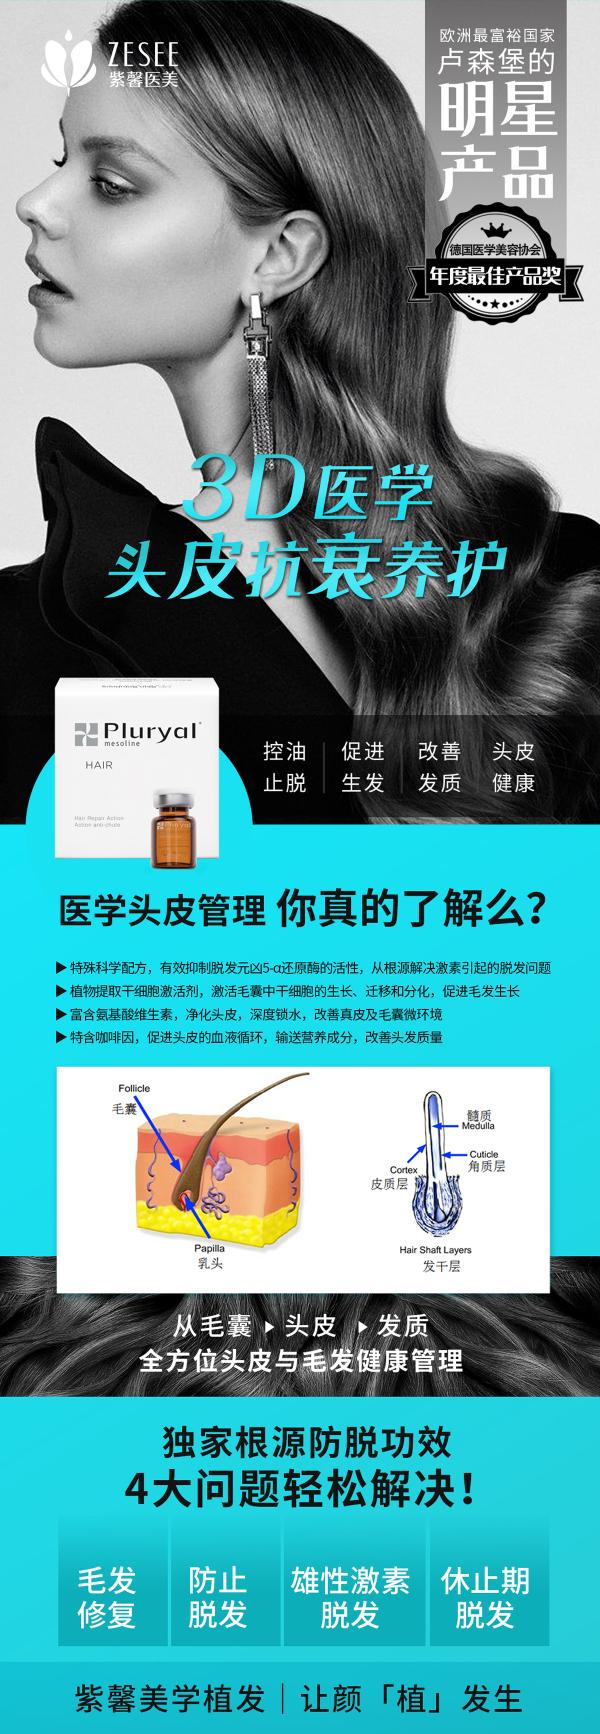 紫馨好医生邵天如|这个问题不重视,可能导致永久性脱发!